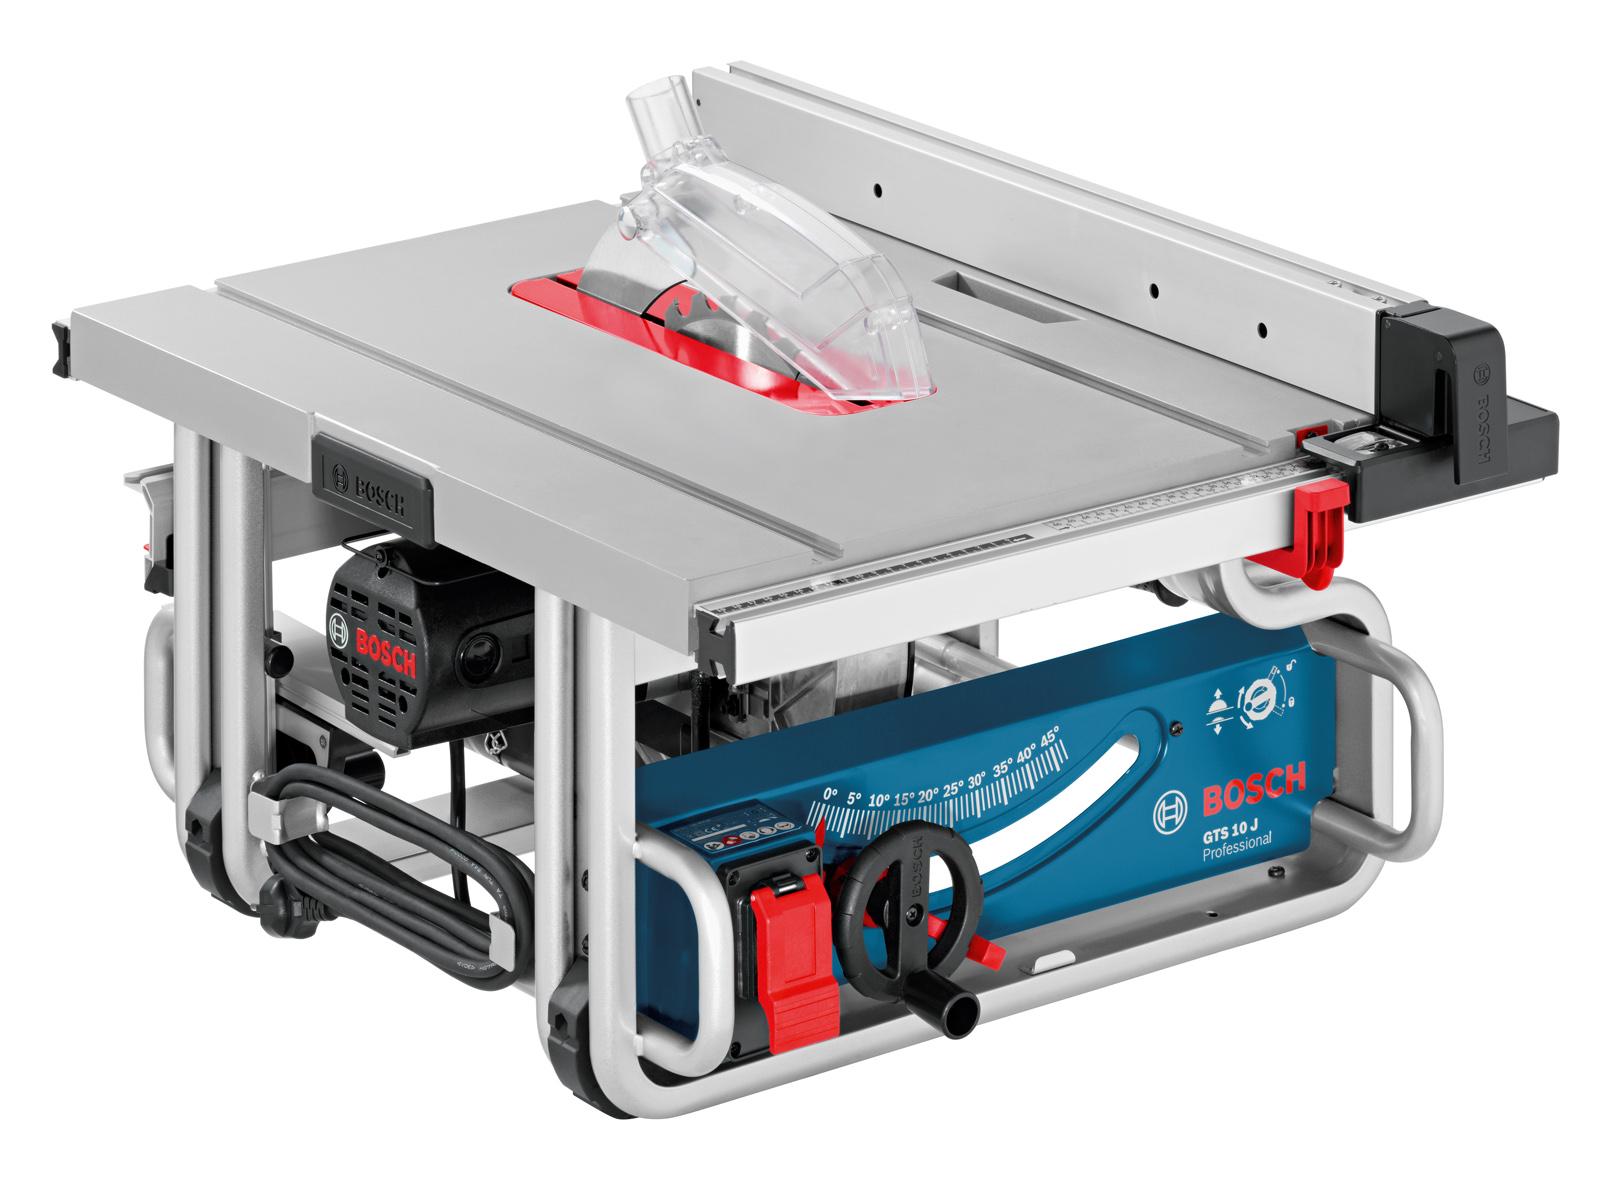 Станок циркулярный Bosch Gts 10 j (0.601.b30.500)